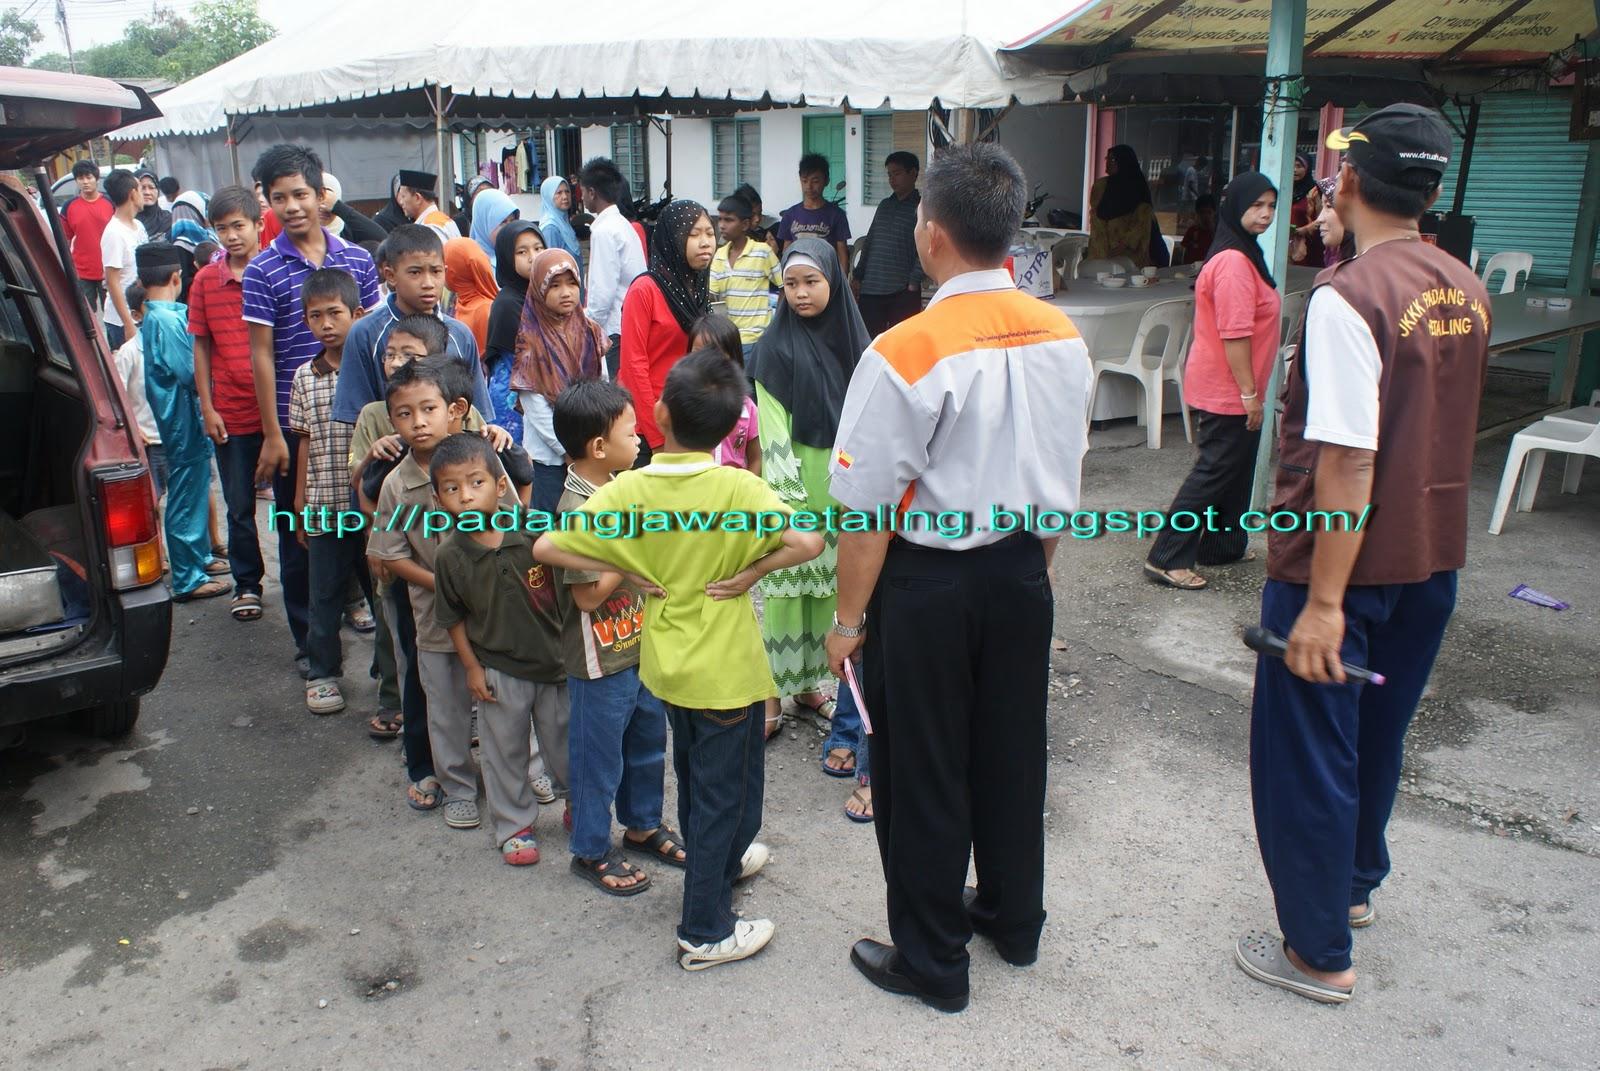 Pusat Pakaian Hari Hari Jalan Petaling